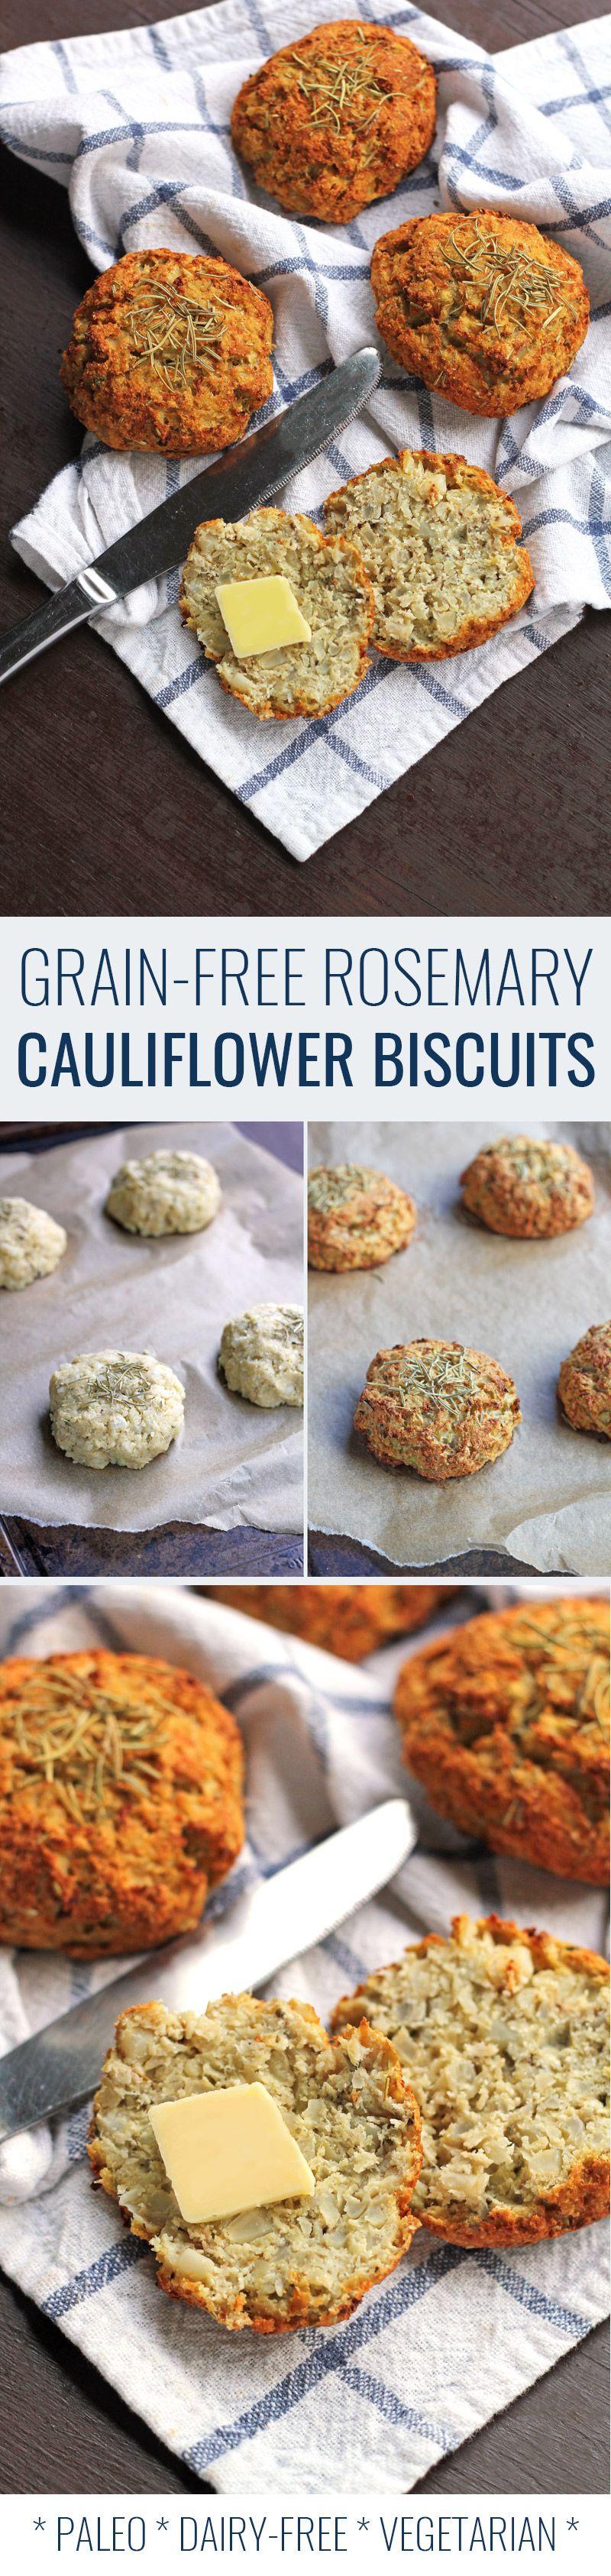 Grain Free Rosemary Cauliflower Biscuits Paleo Baking Grain